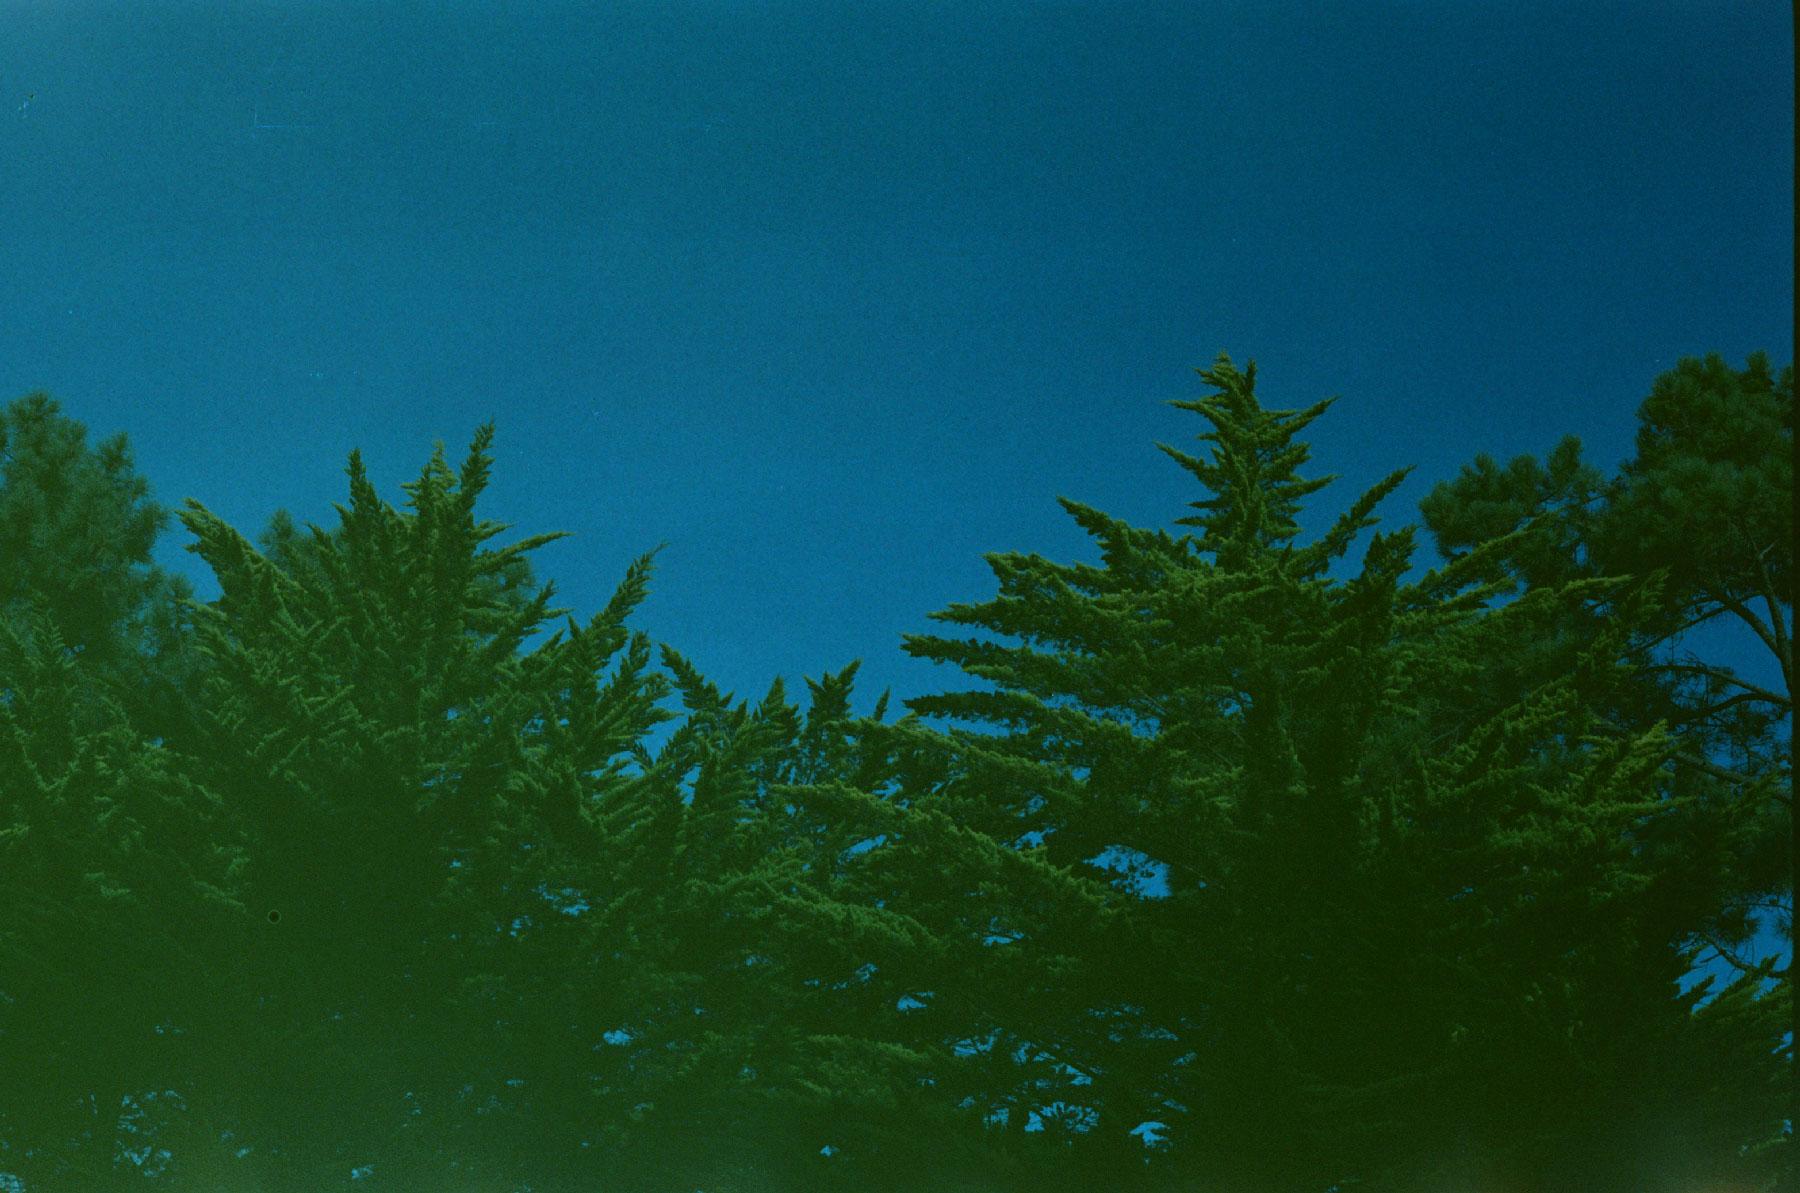 Failed film photography